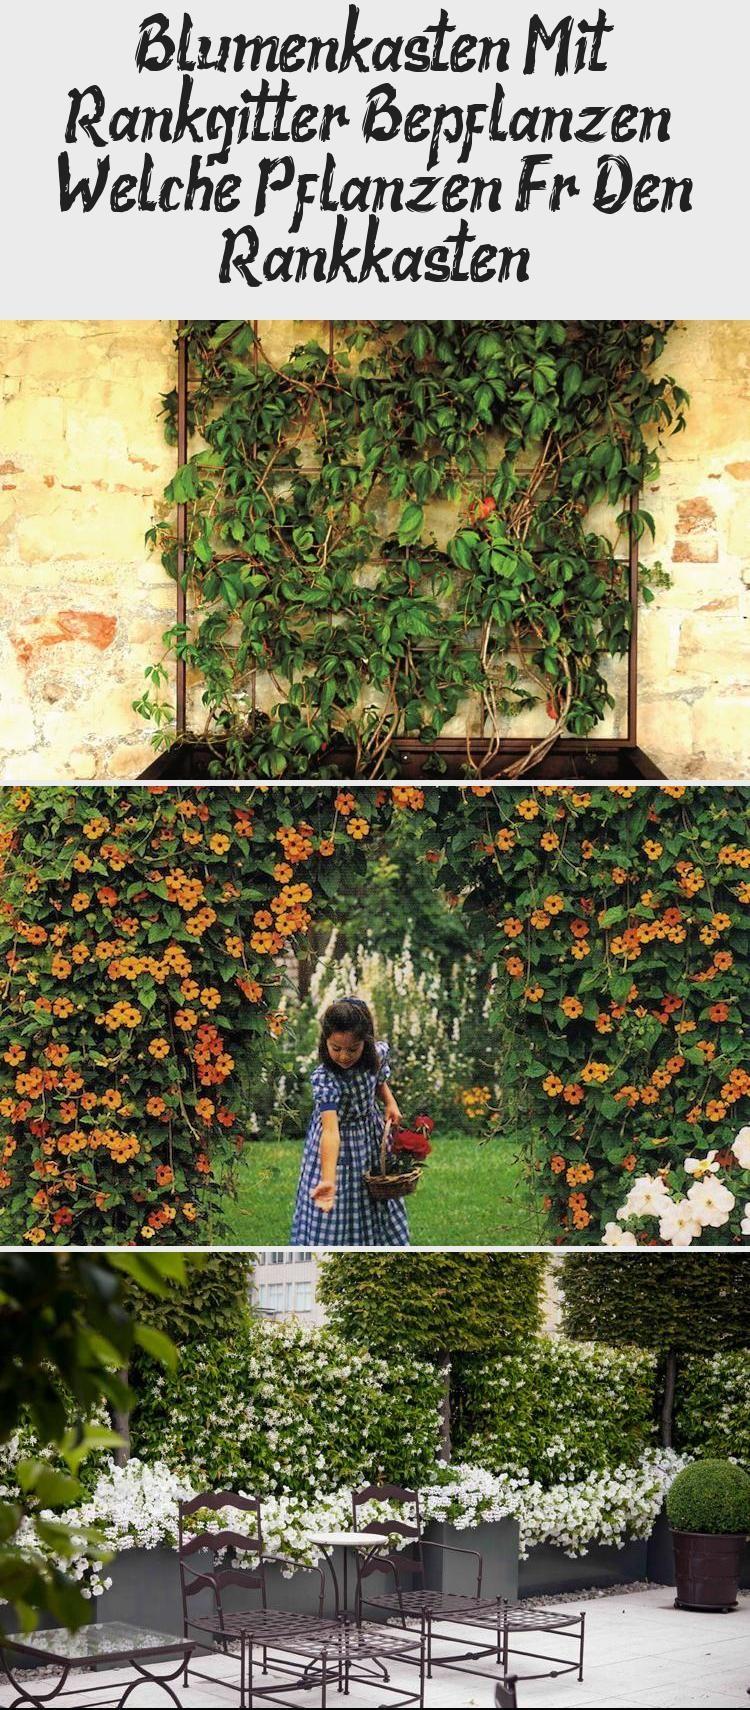 Blumenkasten Mit Rankgitter Bepflanzen Welche Pflanzen Fur Den